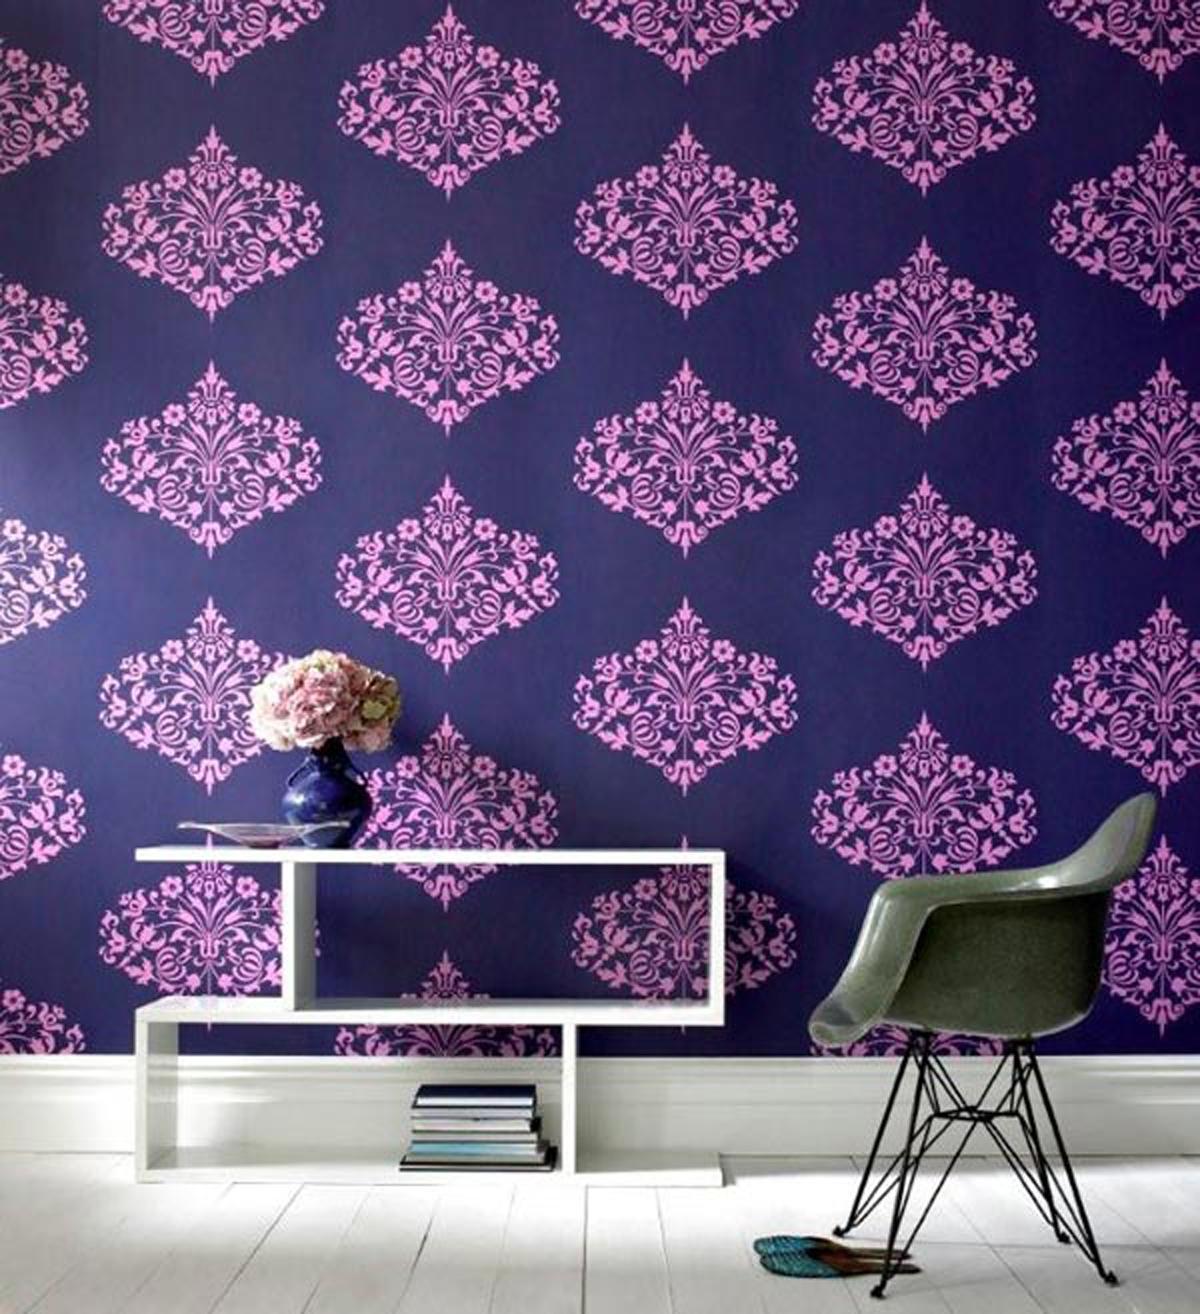 http://4.bp.blogspot.com/-fsSaTkR2oTw/UGjESxXbO1I/AAAAAAAAMxY/2vZLwkkoWBM/s1600/luxury-wall-covering-paper-designs.jpeg